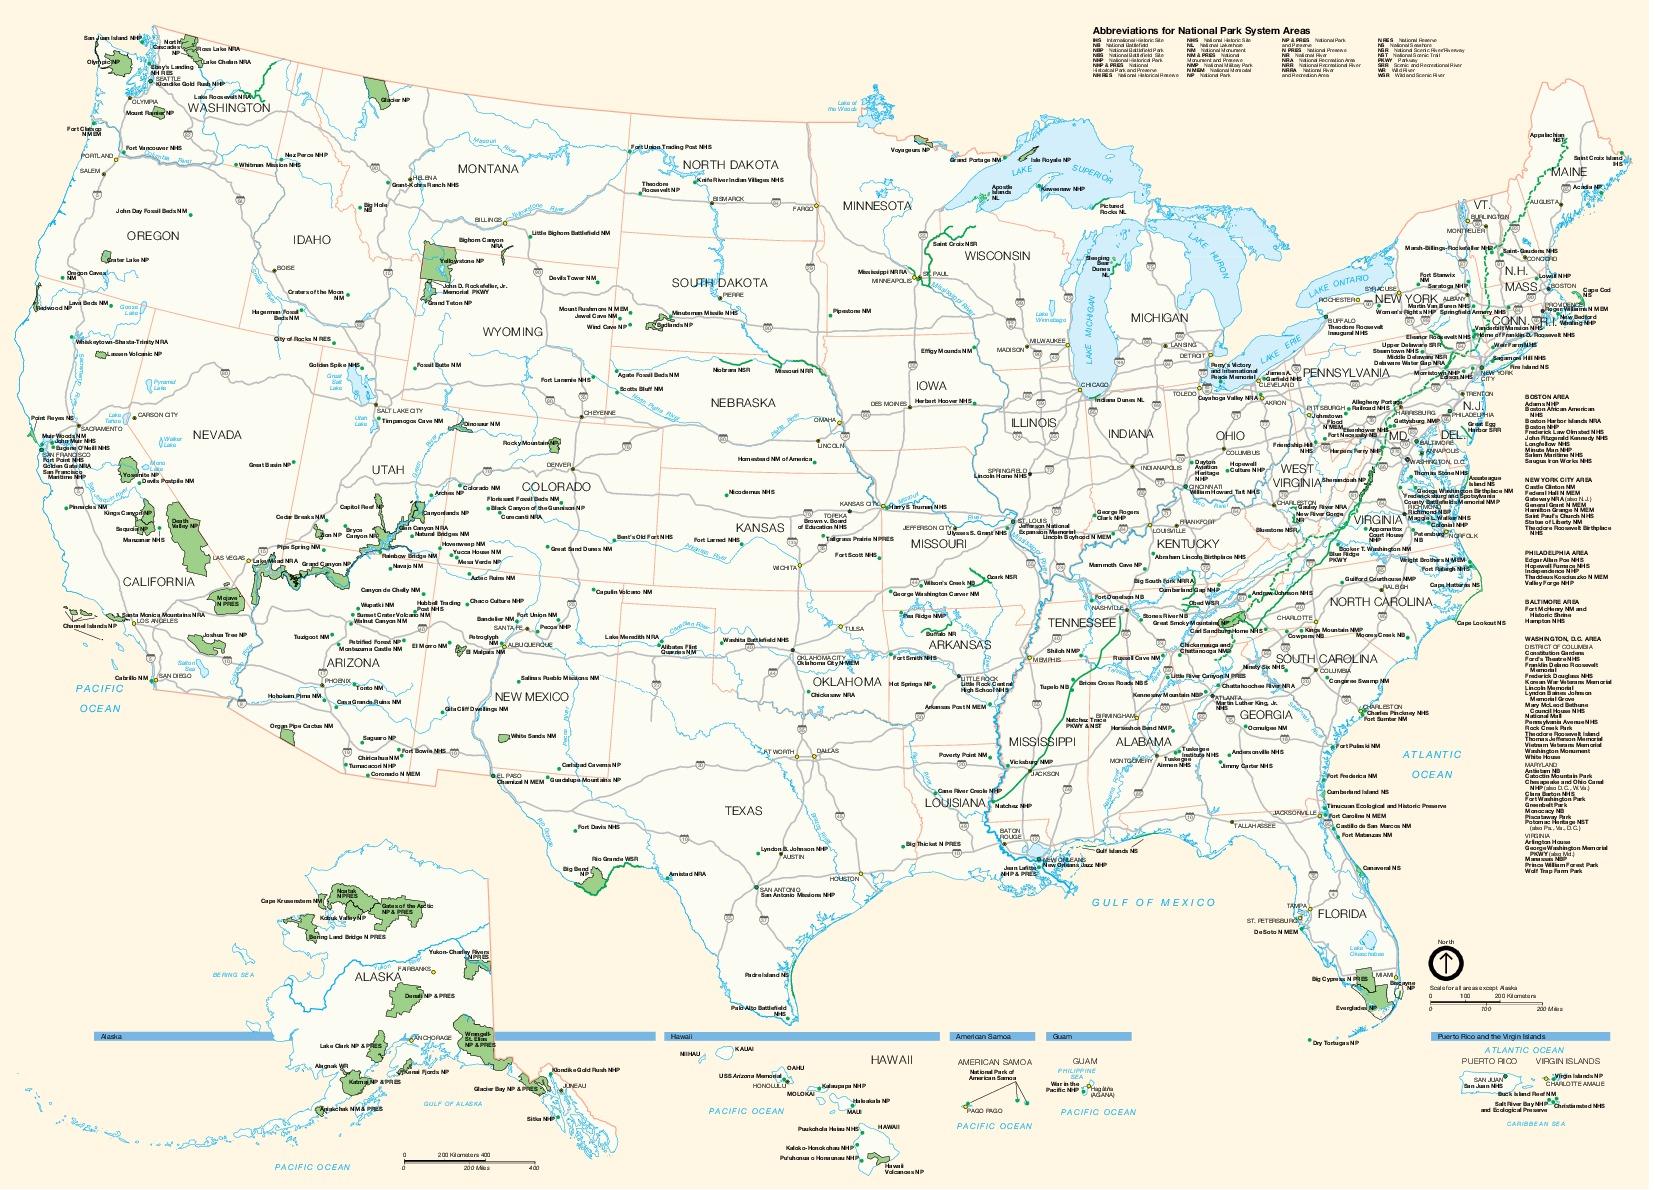 Mapa de las 378 Unidades del Sistema Nacional de Parque, Estados Unidos